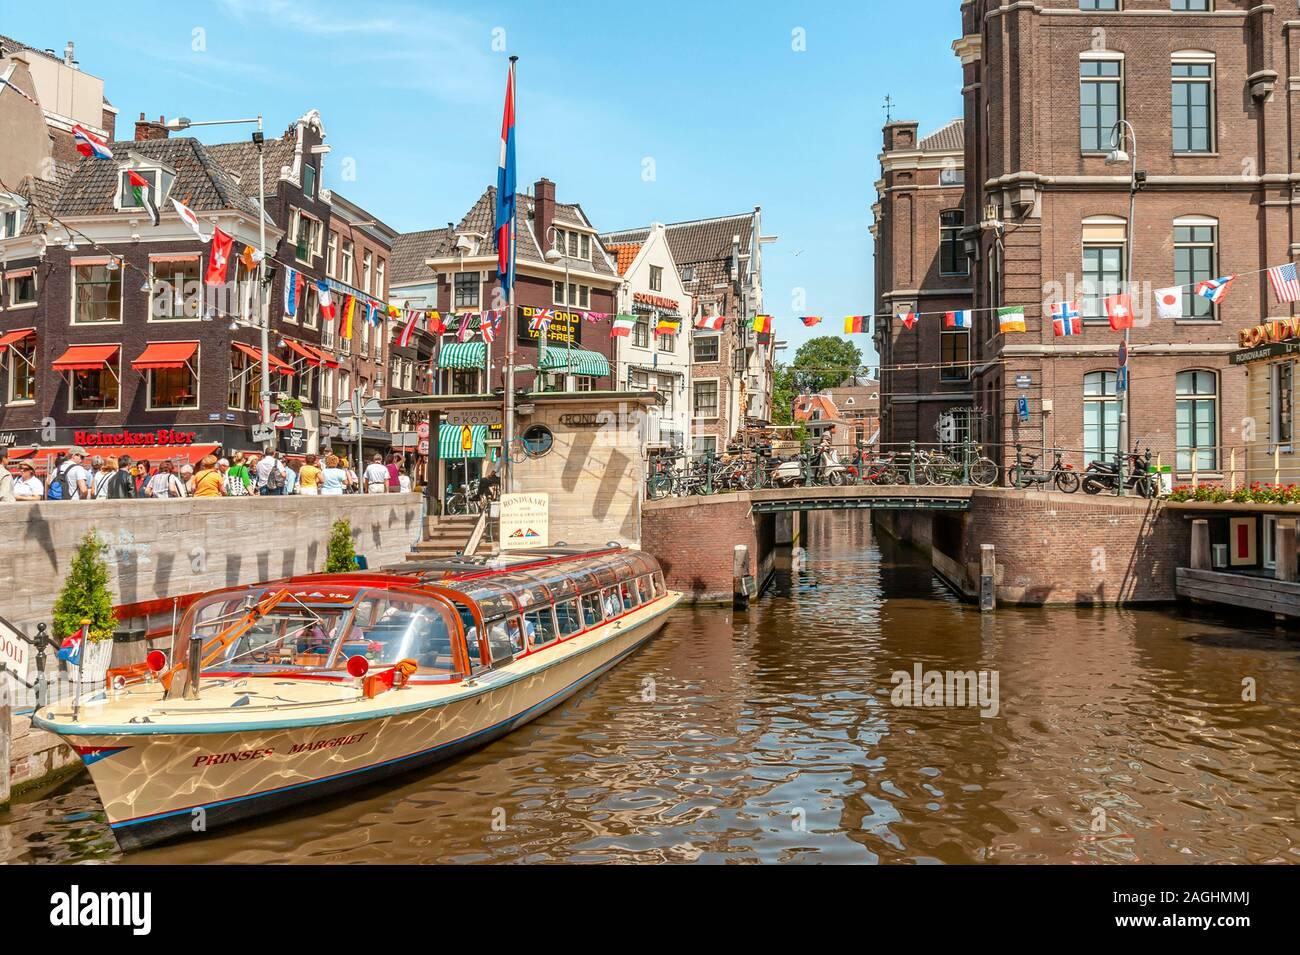 Des bateaux touristiques dans un canal d'eau dans le centre-ville d'Amsterdam, Pays-Bas. Banque D'Images